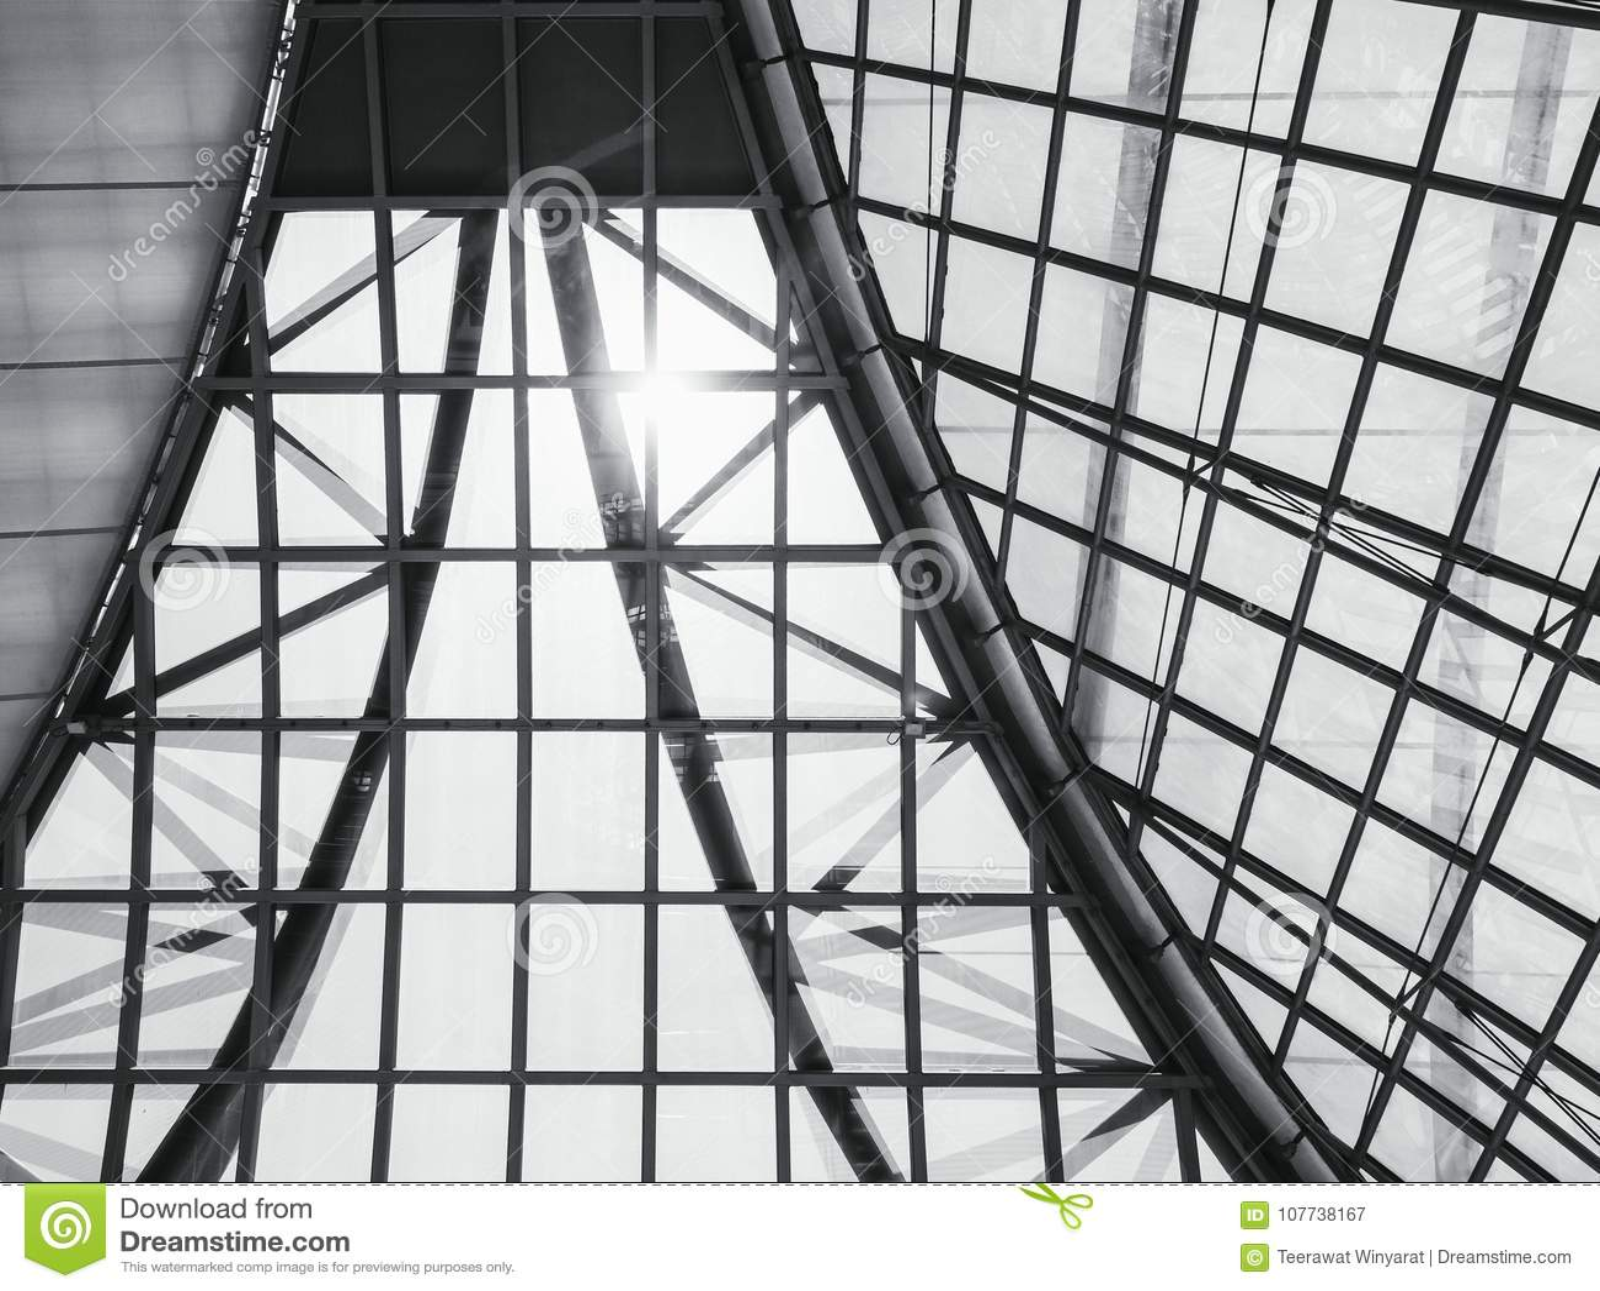 Fondo de cristal del modelo de la estructura de acero del tejado de la arquitectura